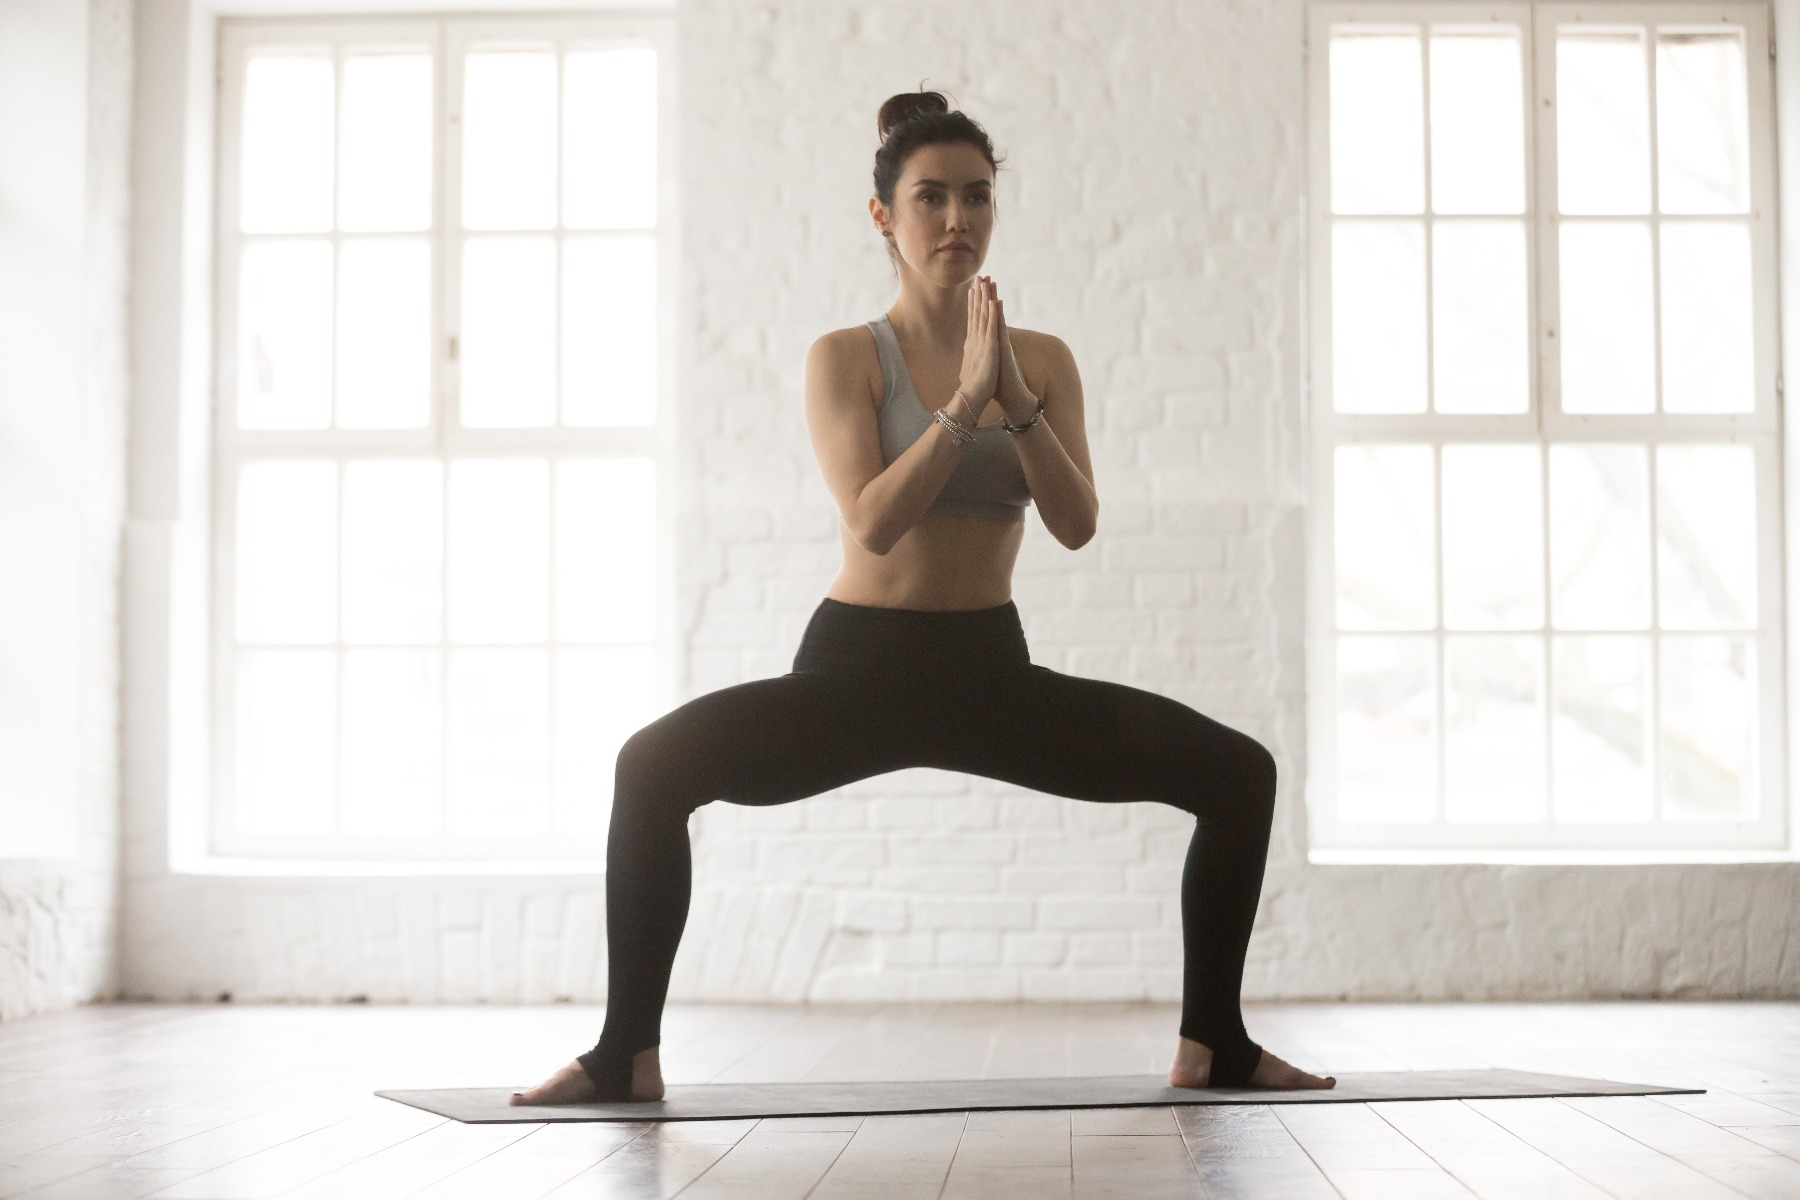 girl doing yoga pose